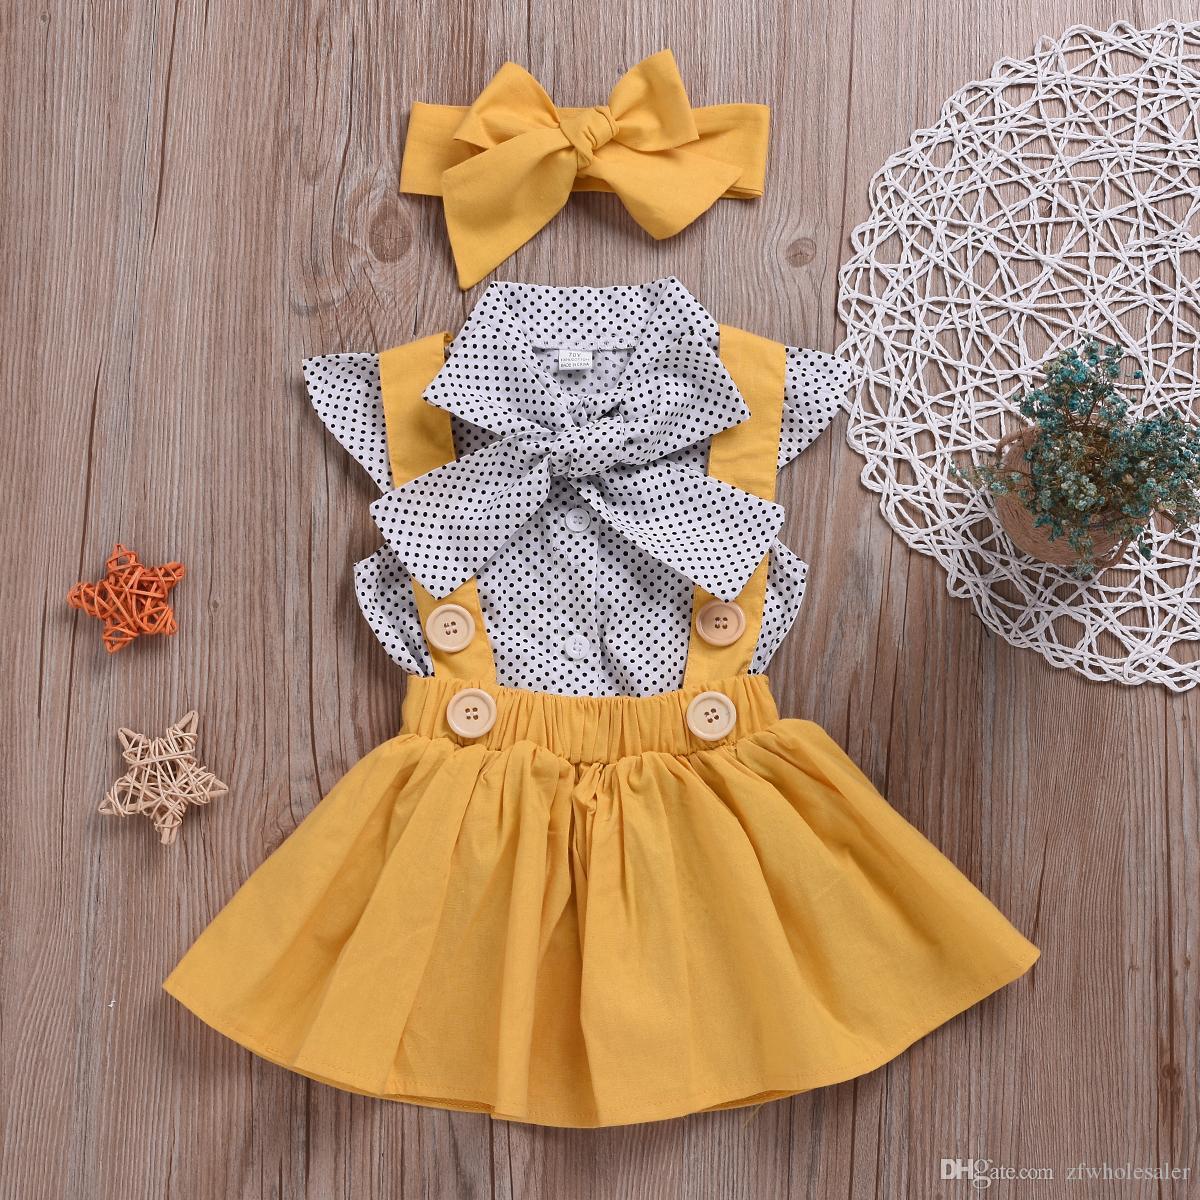 kız küçük resmi elbiseler Kid Kızlar Düğün Elbise Bebek Kız Giyim Kostüm Çocuk Kız Butik